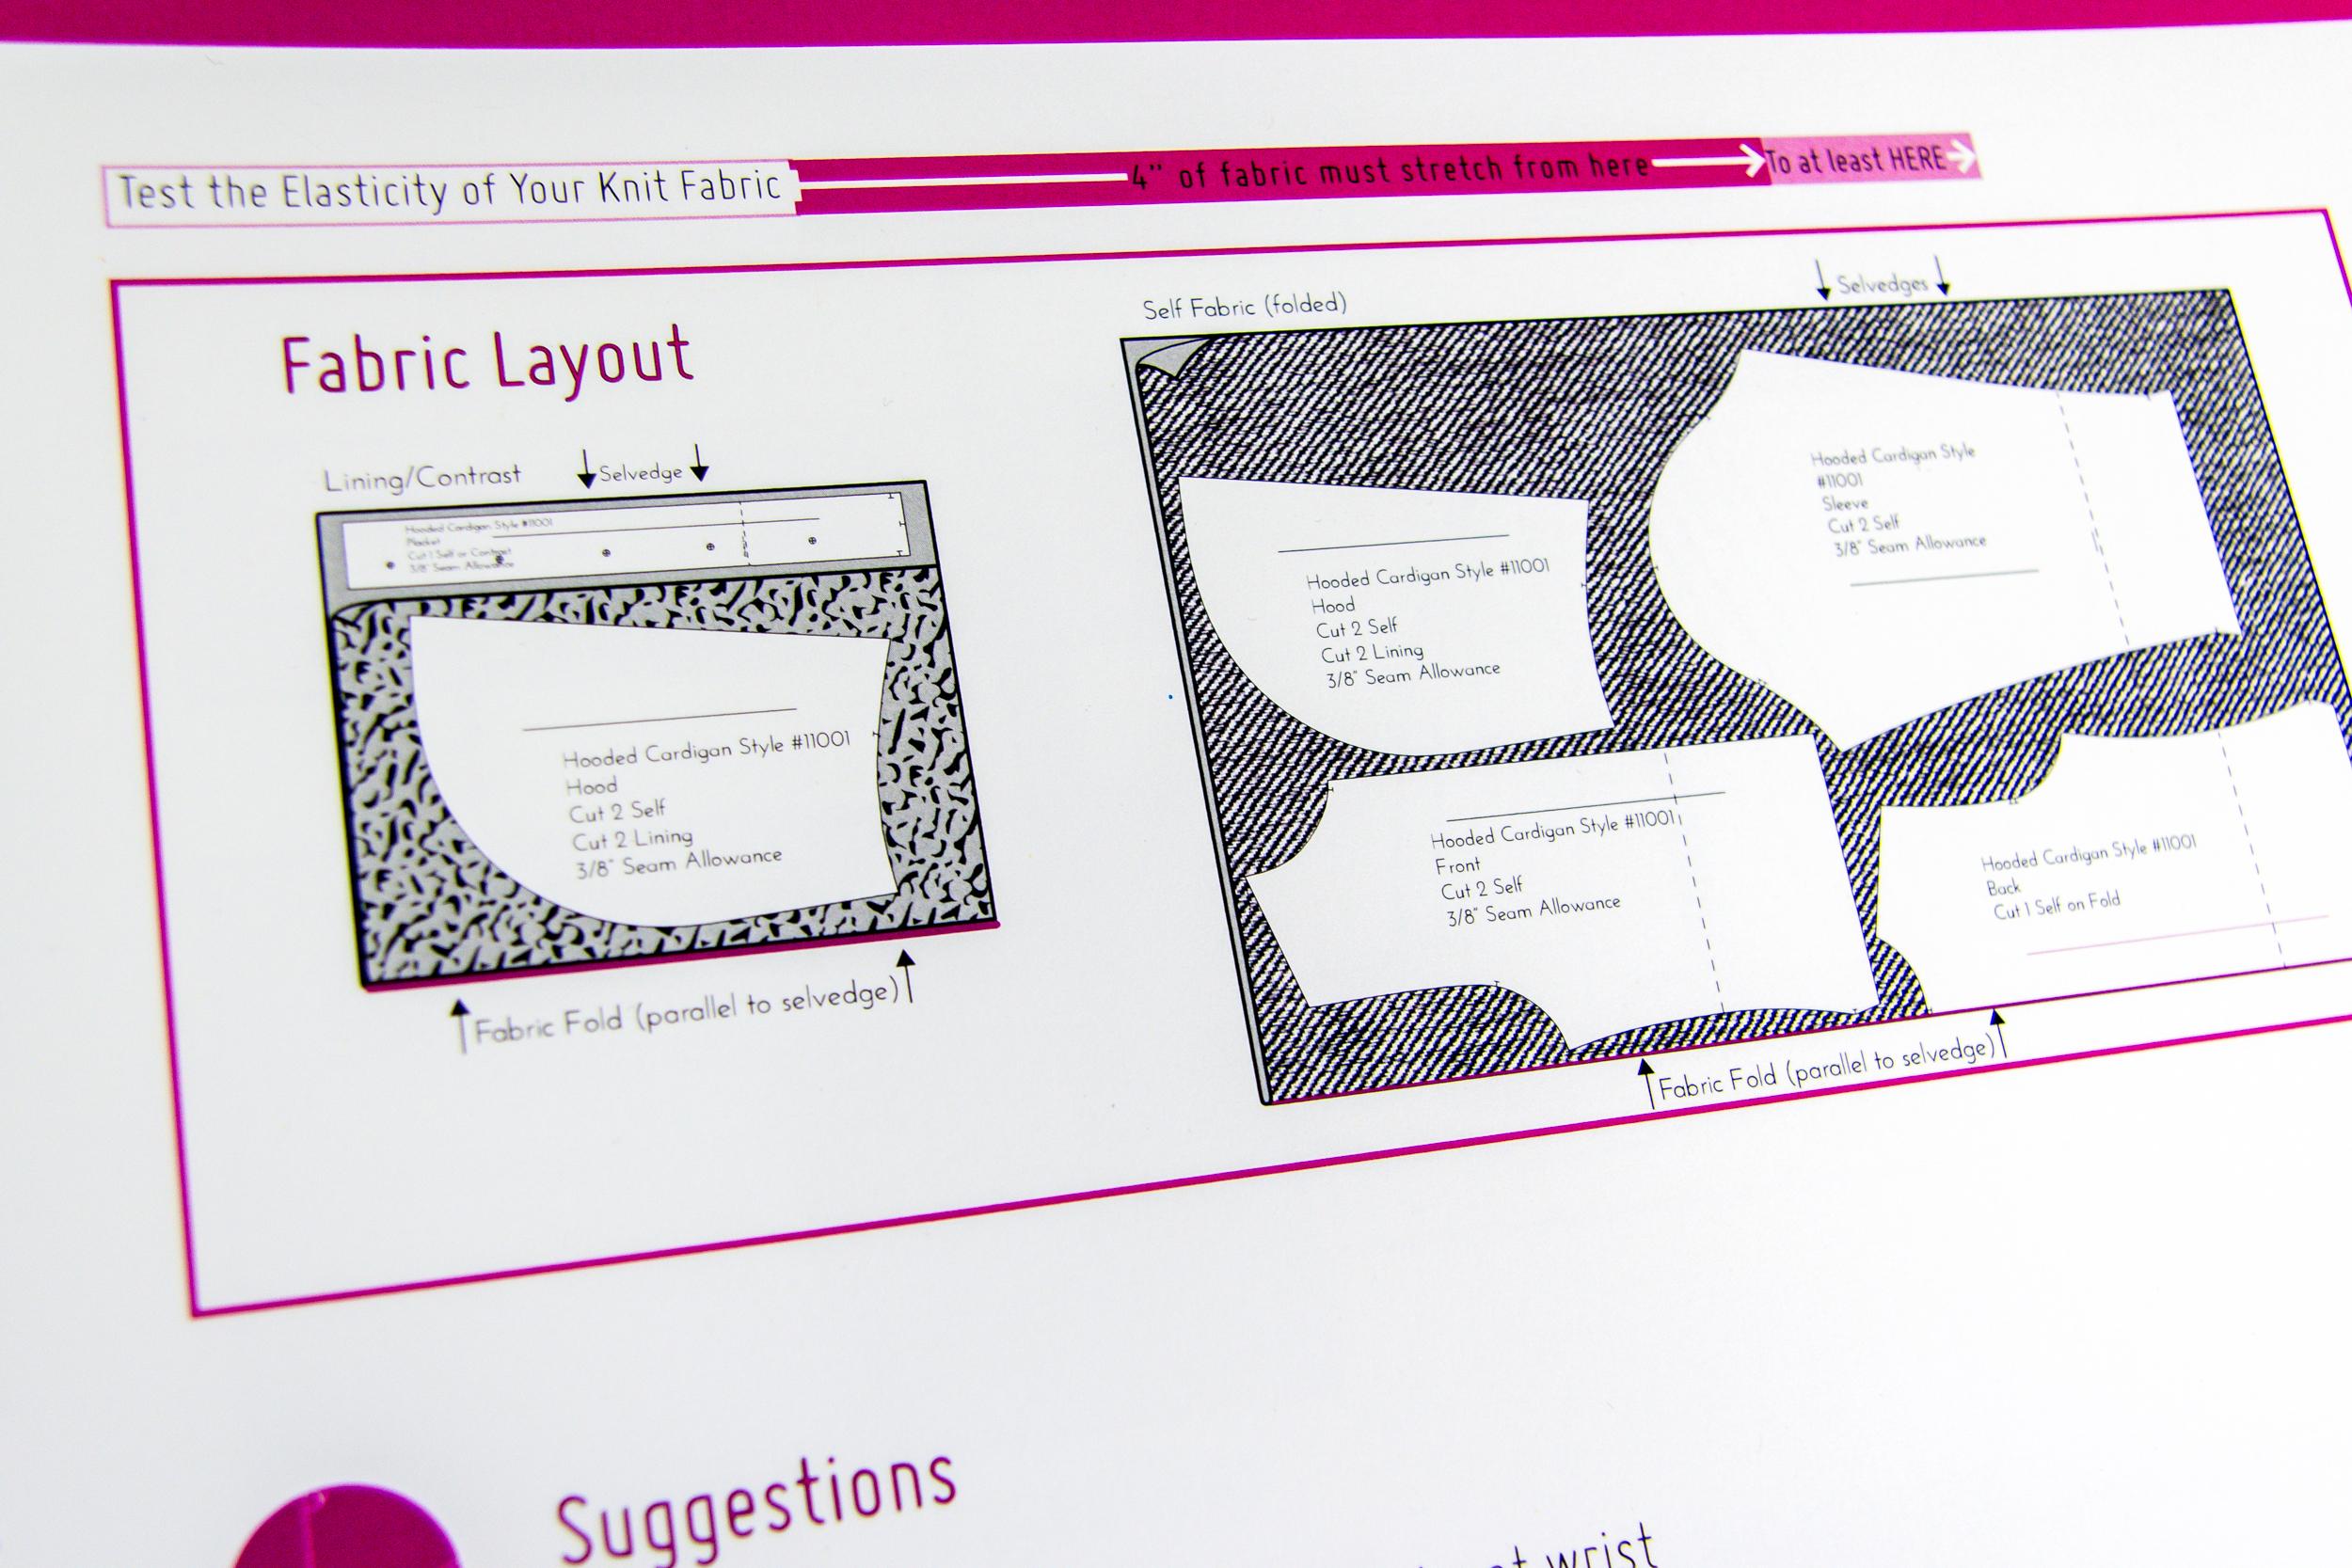 FashionKit_guide_layout_h3.jpg